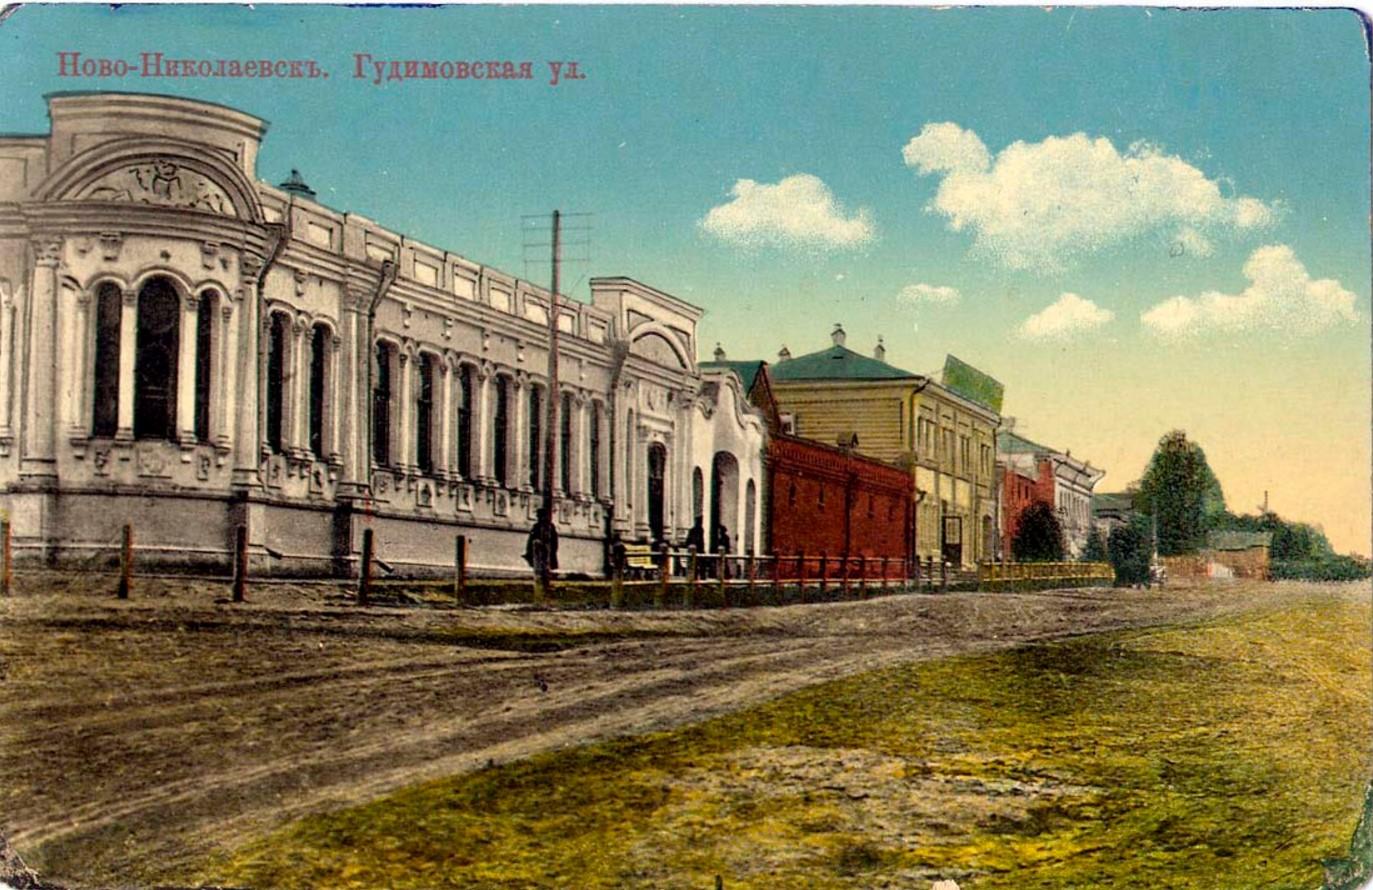 Гудимировская улица